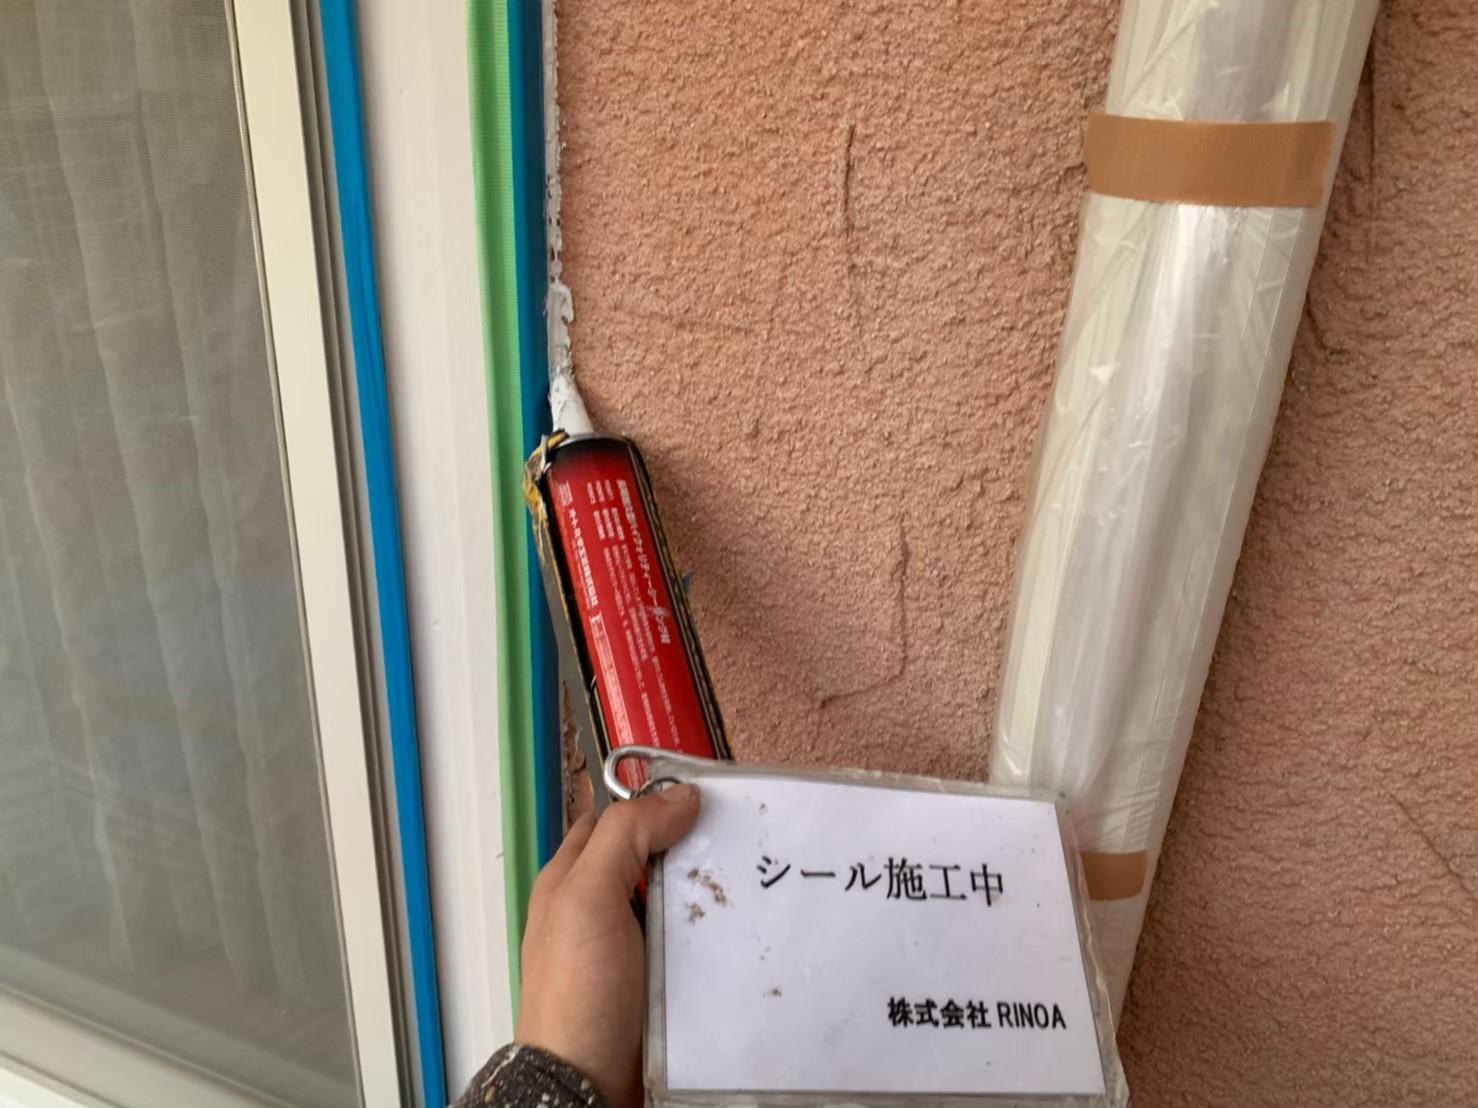 神奈川県 秦野市 外壁塗装工事 下地処理 シーリング作業の画像